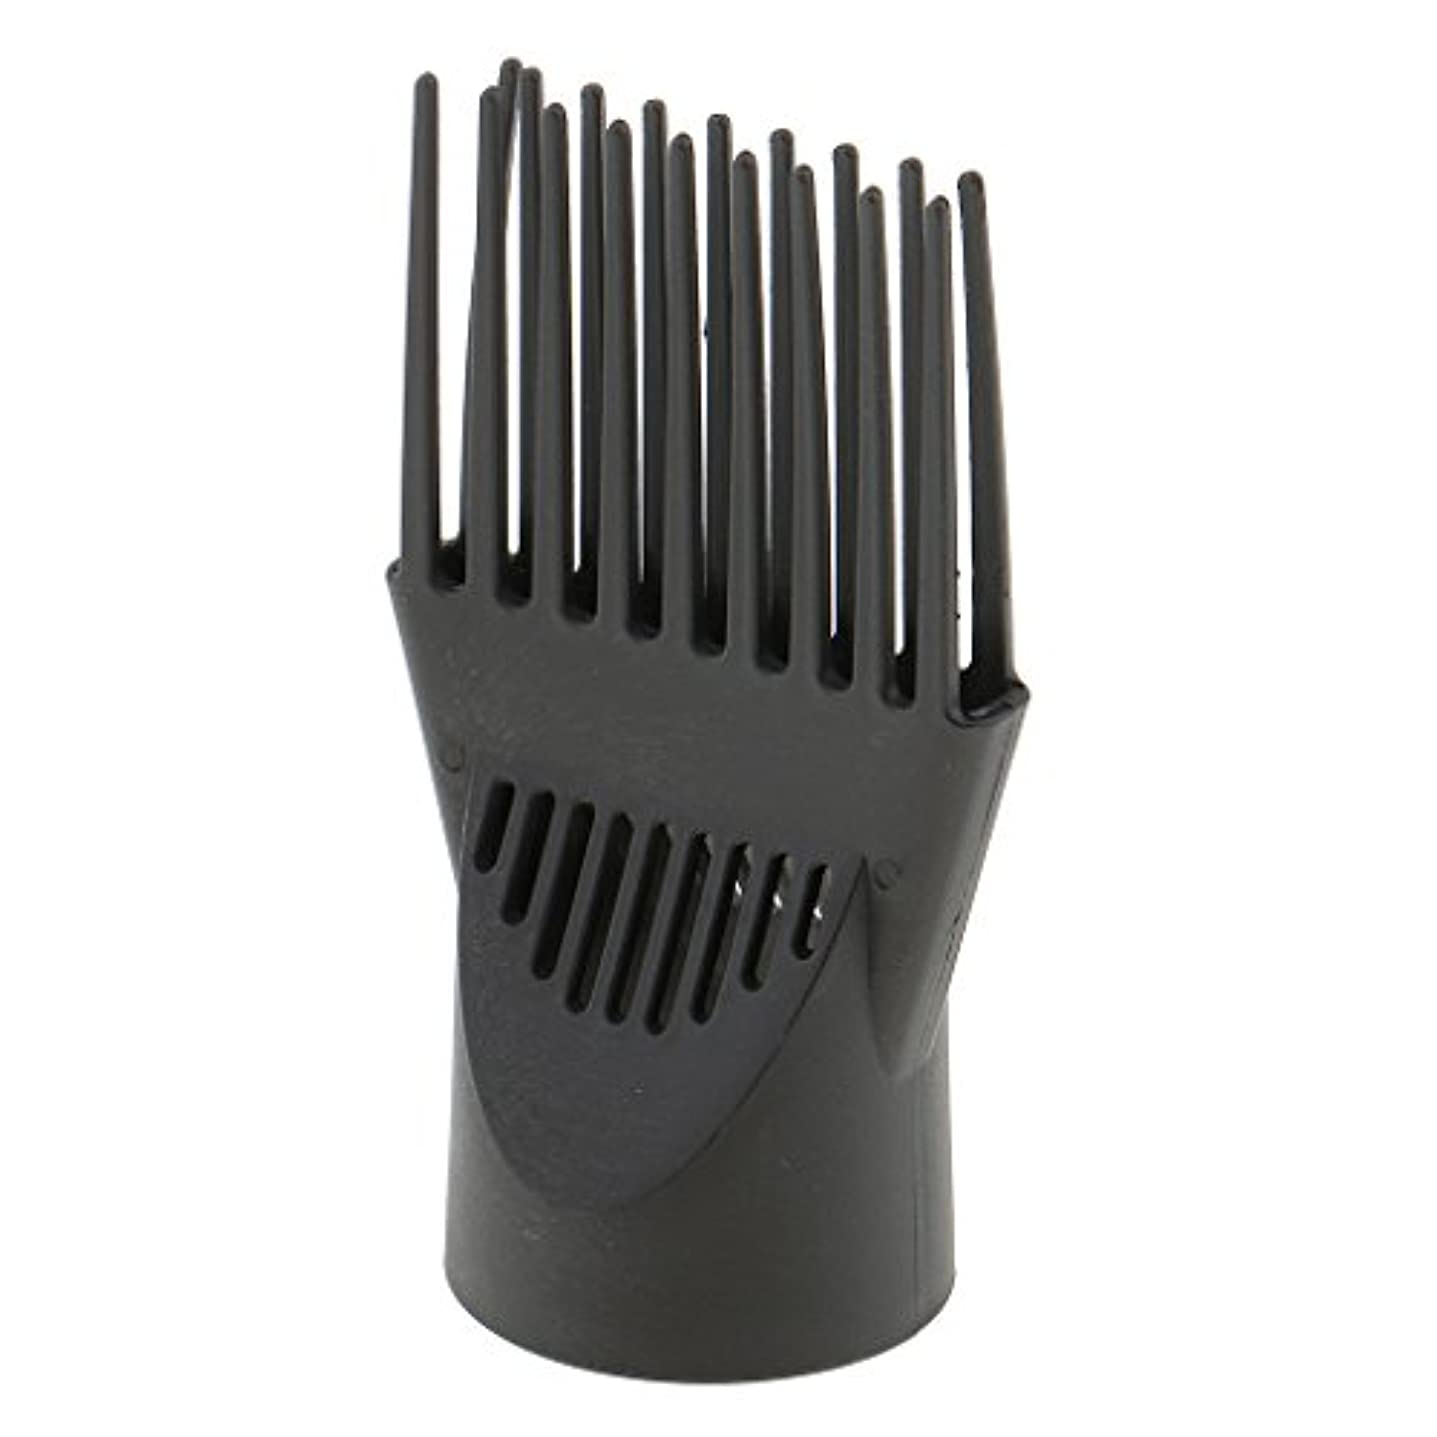 誇張願望何十人もヘアドライヤーディフューザー 風吹きカバー プラスチック デュアルグリップ ユニバーサル